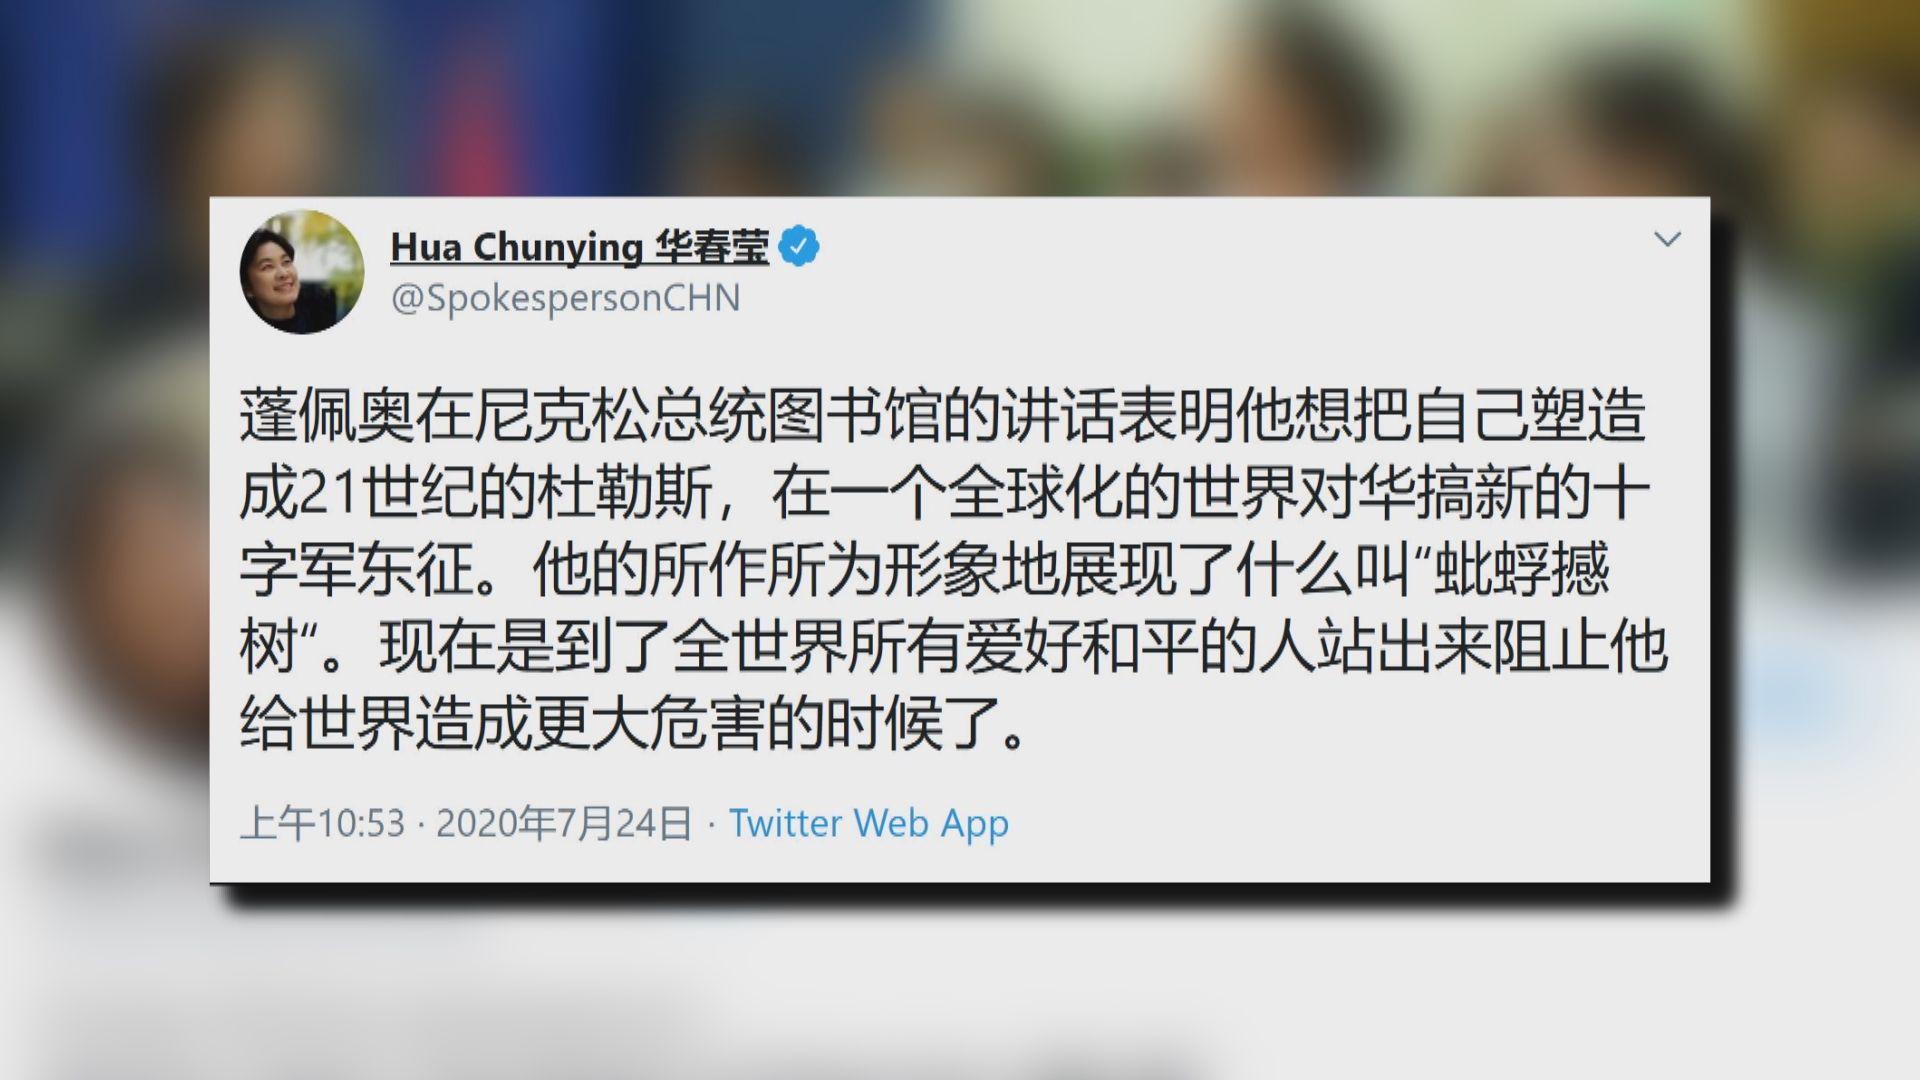 蓬佩奧籲各國聯手令中國改變 華春瑩批蓬佩奧不自量力